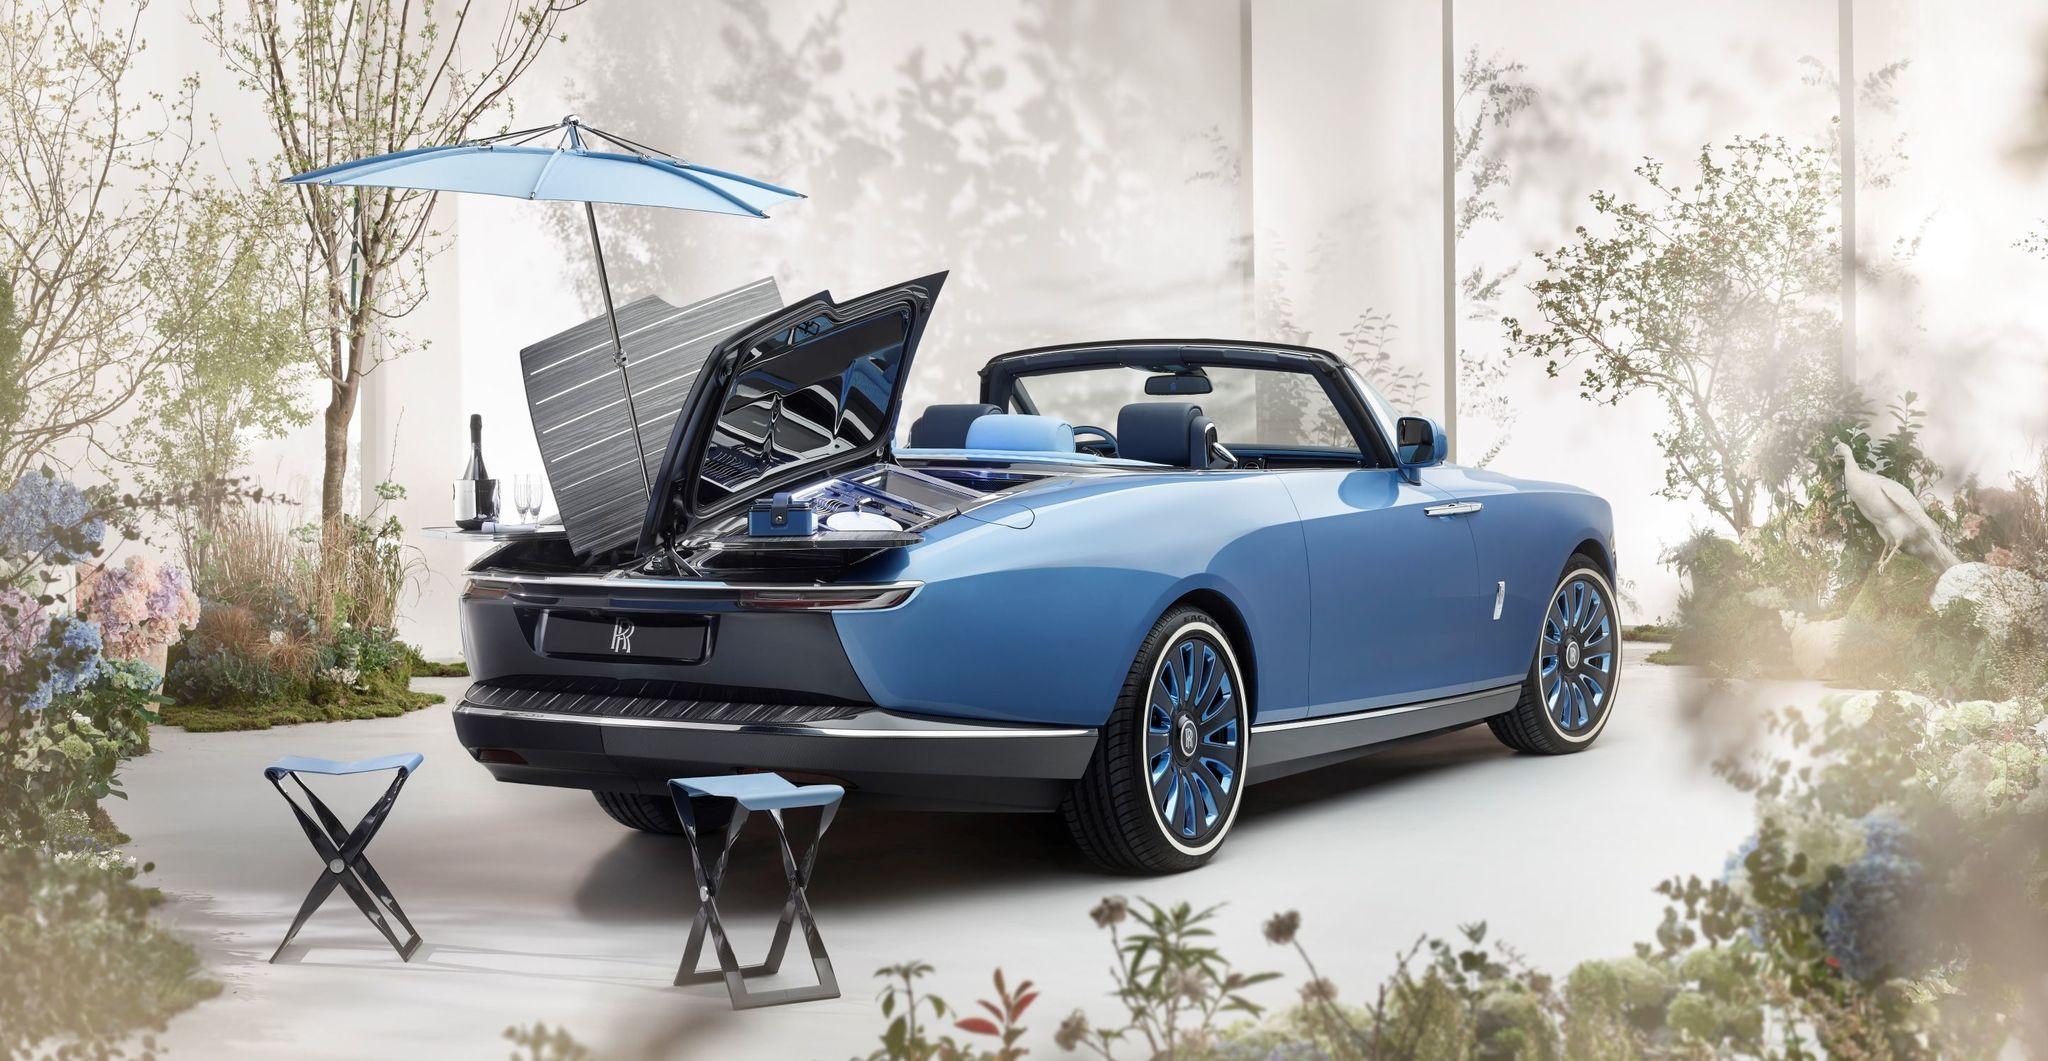 Madera, mesas de picnic, taburetes, sombrilla, refrigeradores... Todo cabe en un Rolls Royce de 5,8 metros de largo.